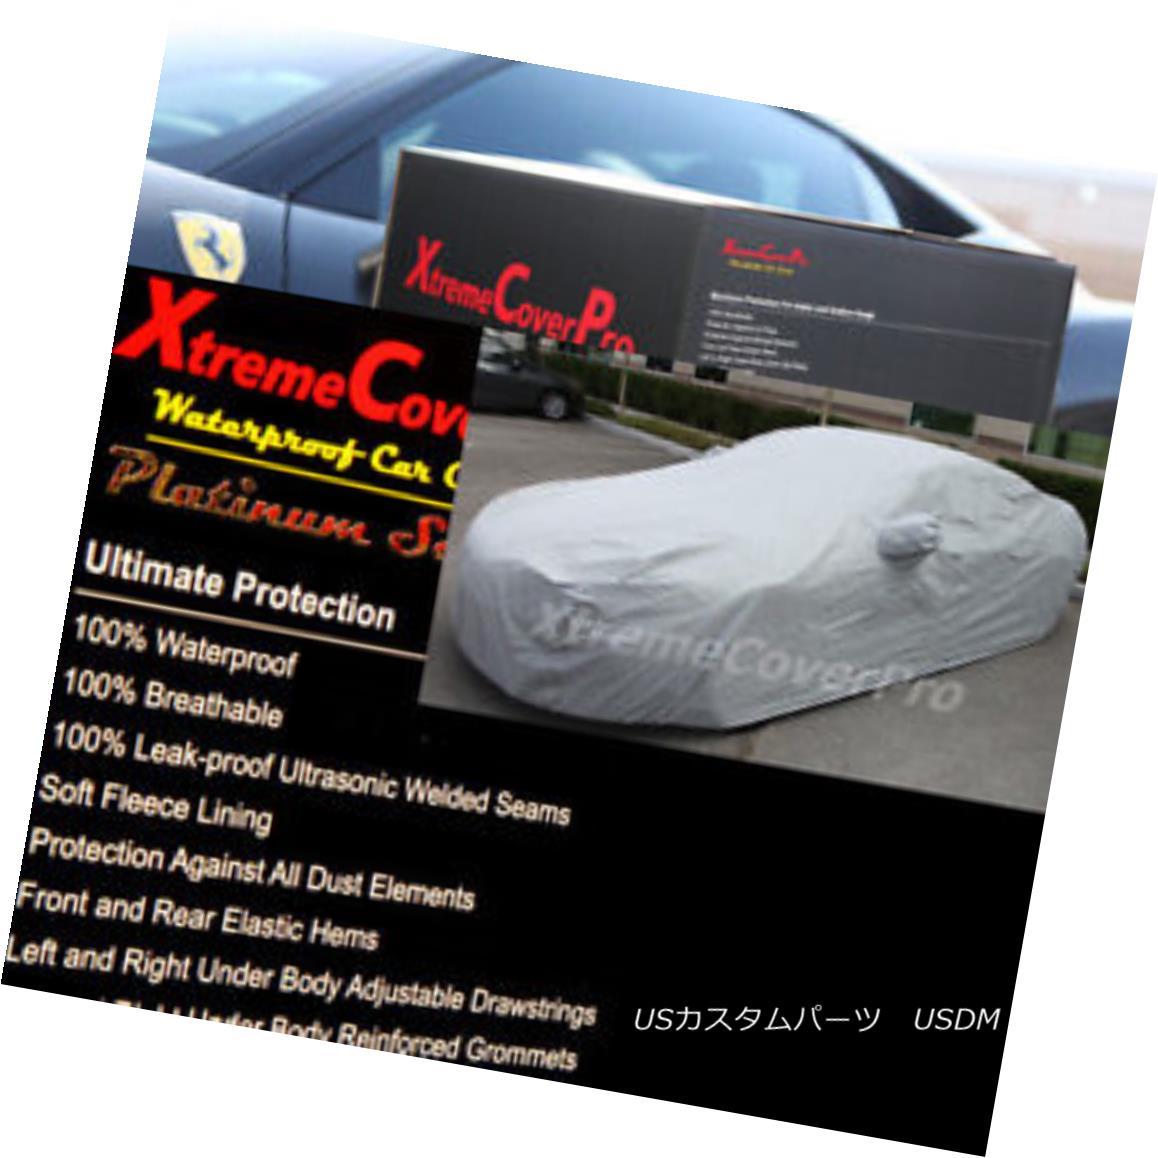 カーカバー 2004 2005 Chevy Impala Waterproof Car Cover w/MirrorPocket 2004年シボレーインパラ防水カーカバー(ミラーポケット付)